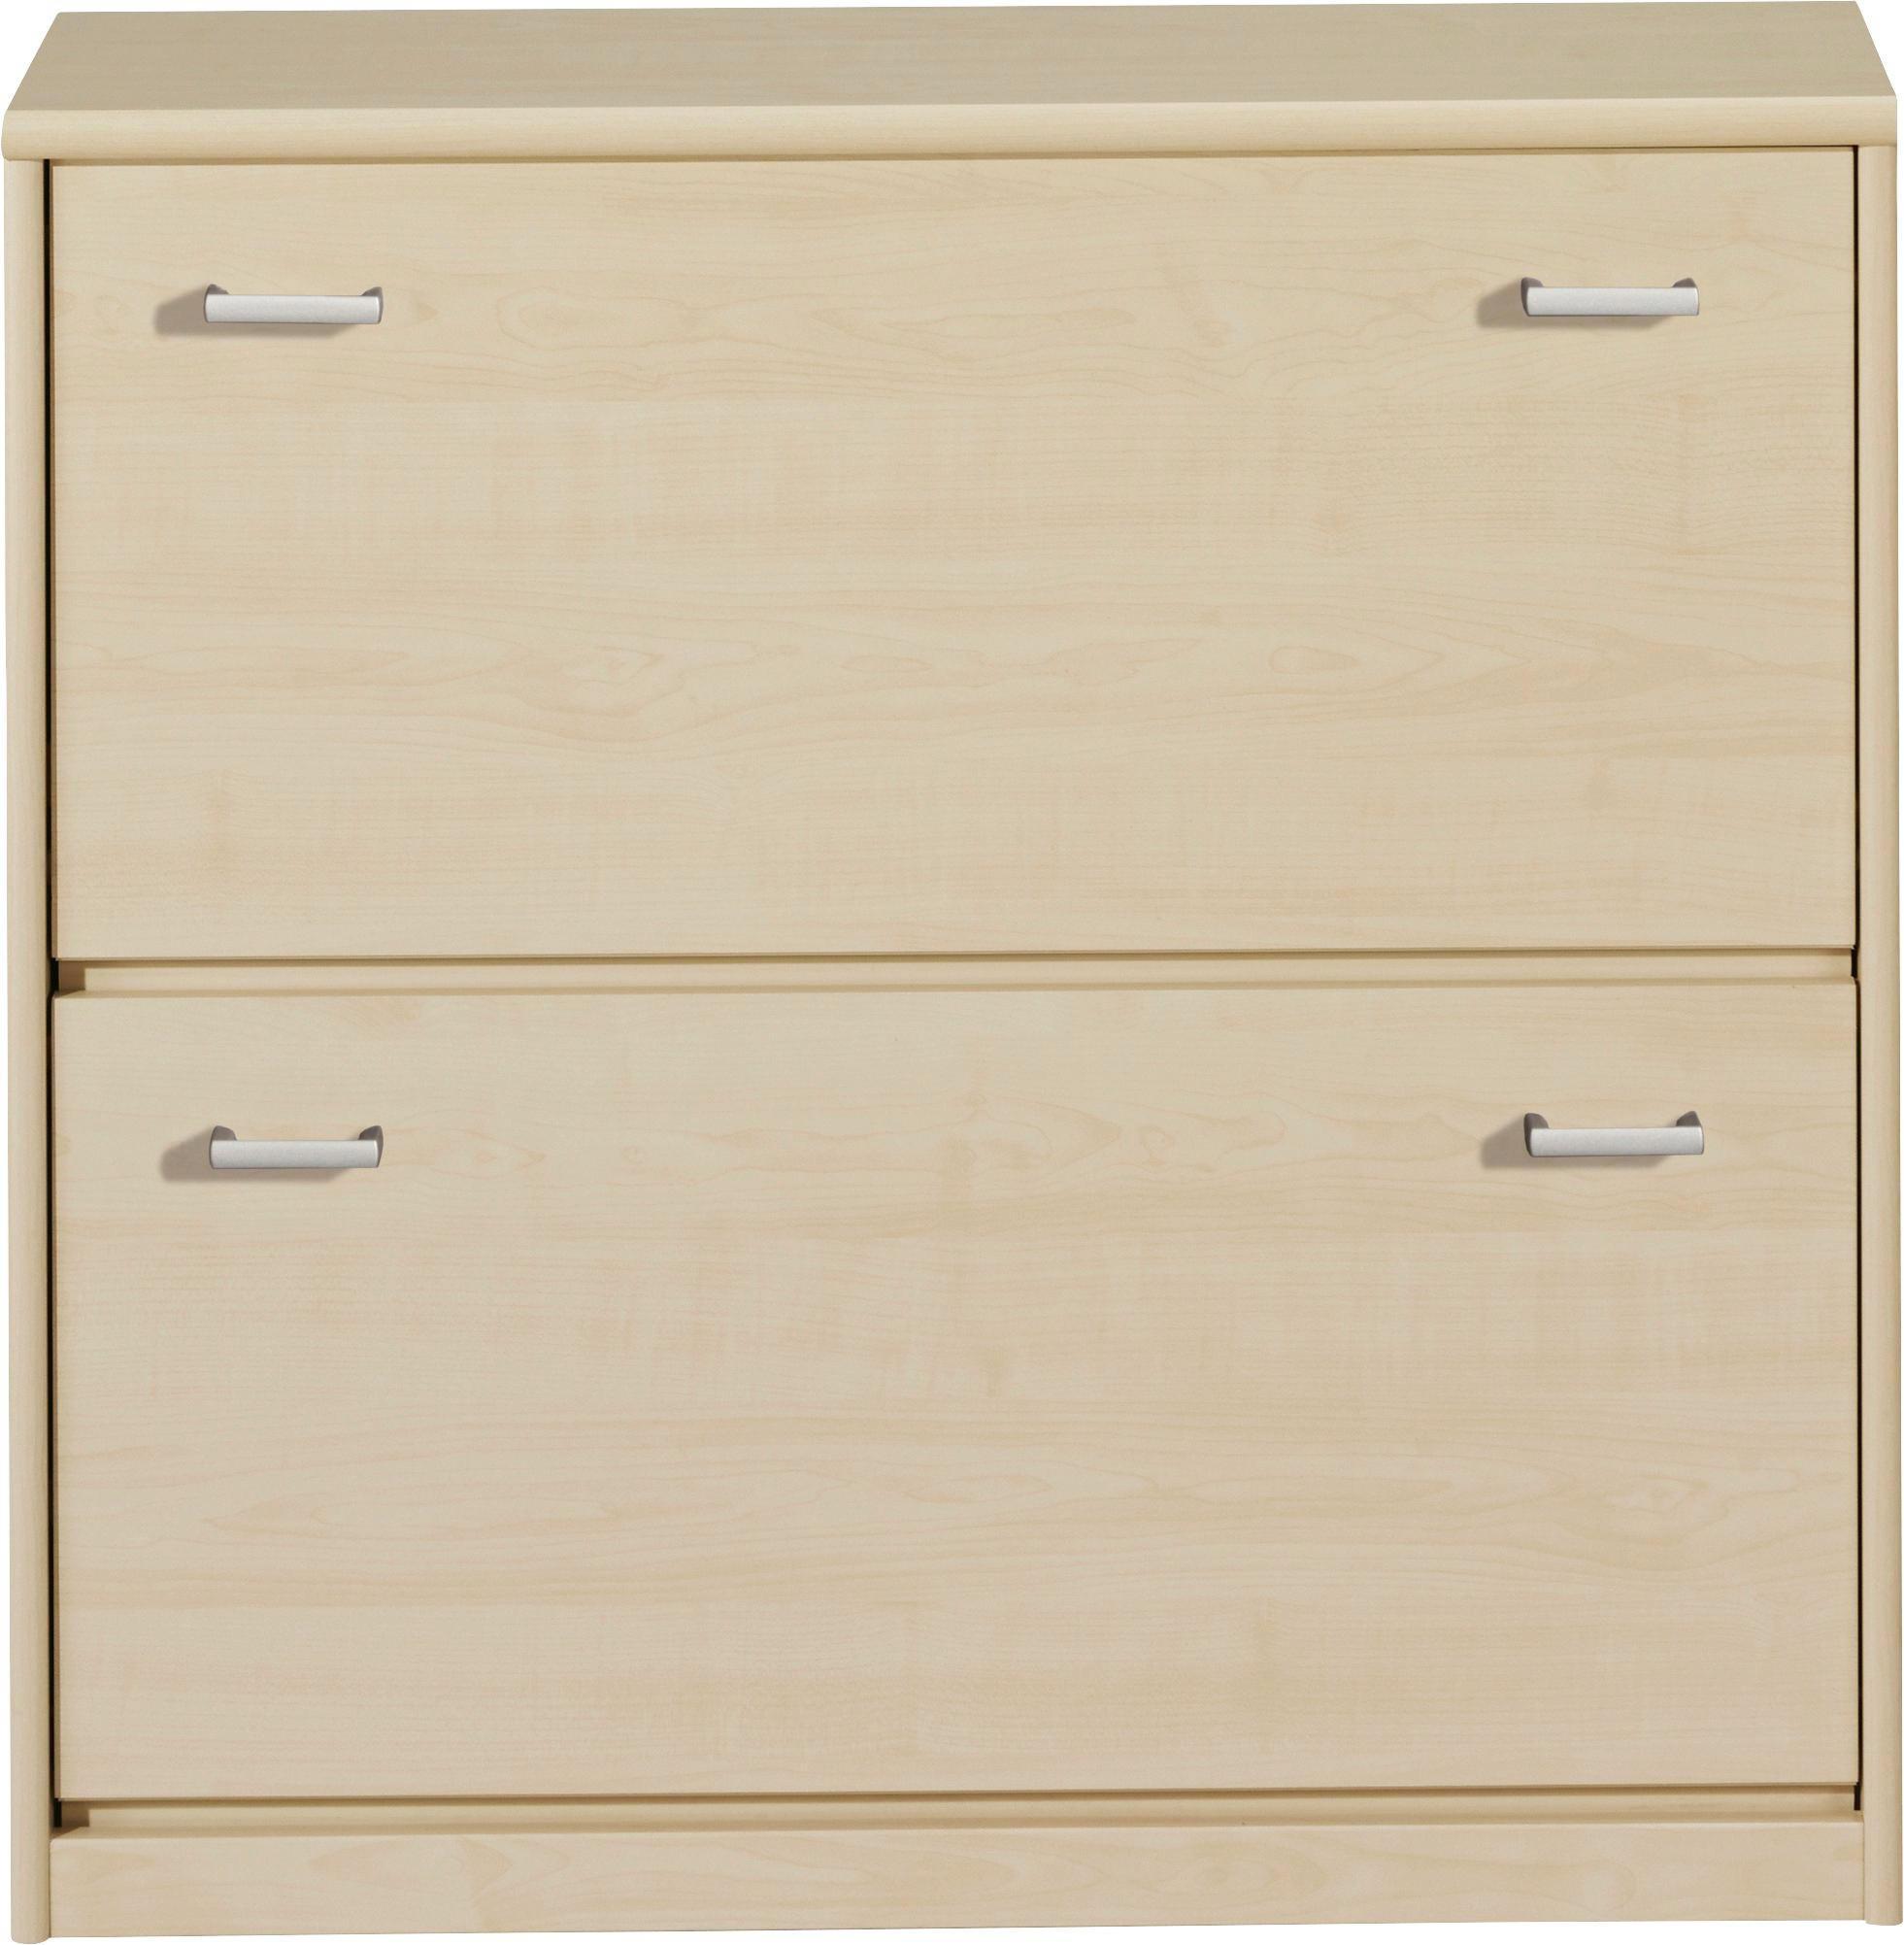 SCHUHKIPPER Ahornfarben - Silberfarben/Ahornfarben, Design, Kunststoff (87/84/27cm) - CS SCHMAL